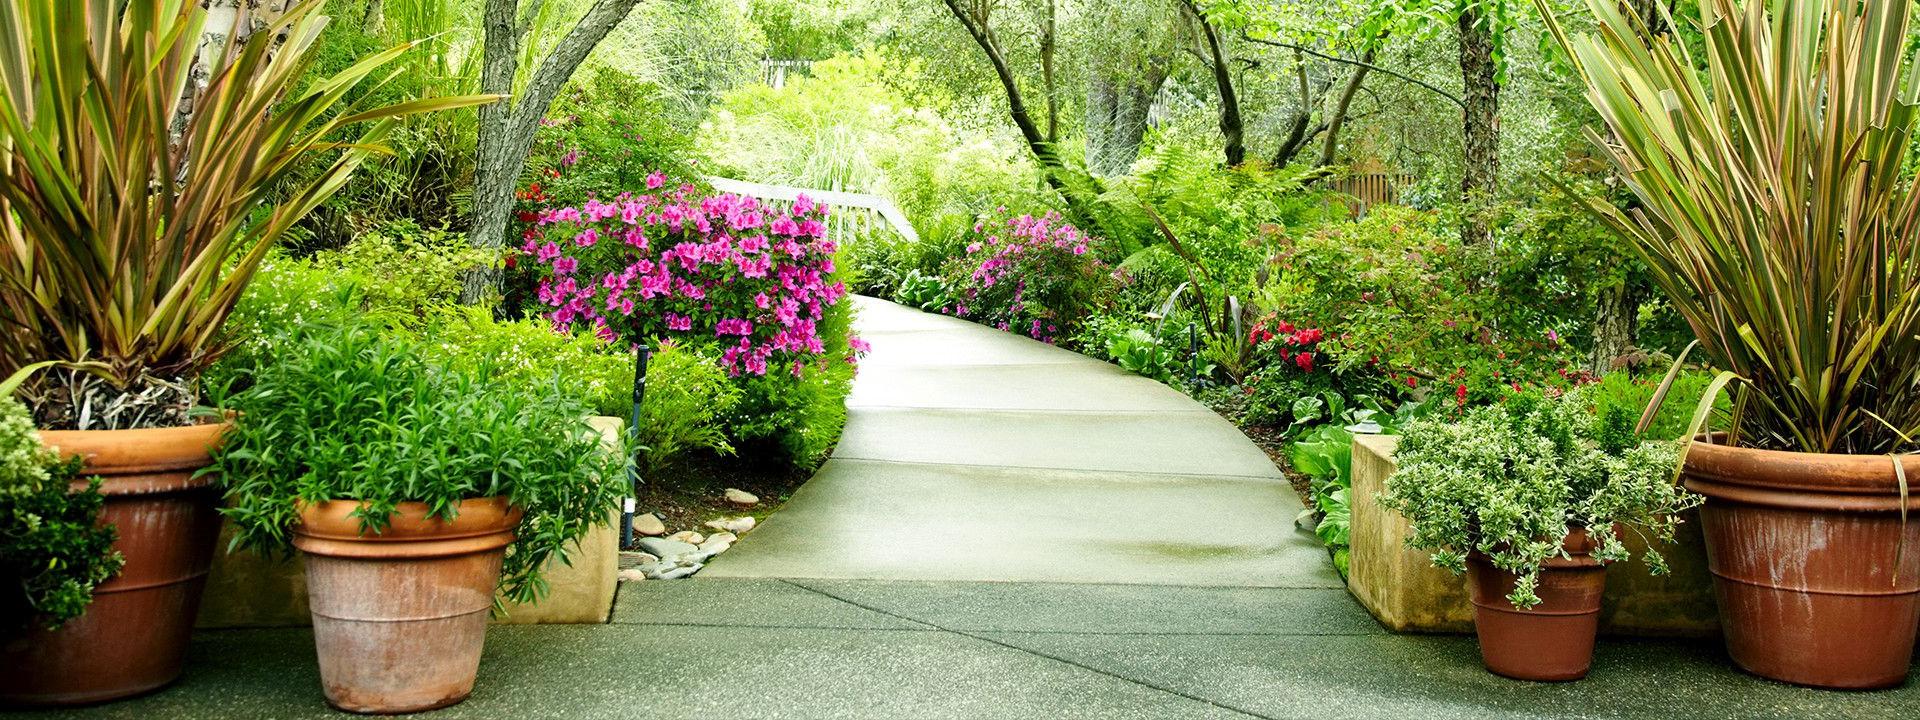 Resources | Memory Garden Memorial Park & Mortuary